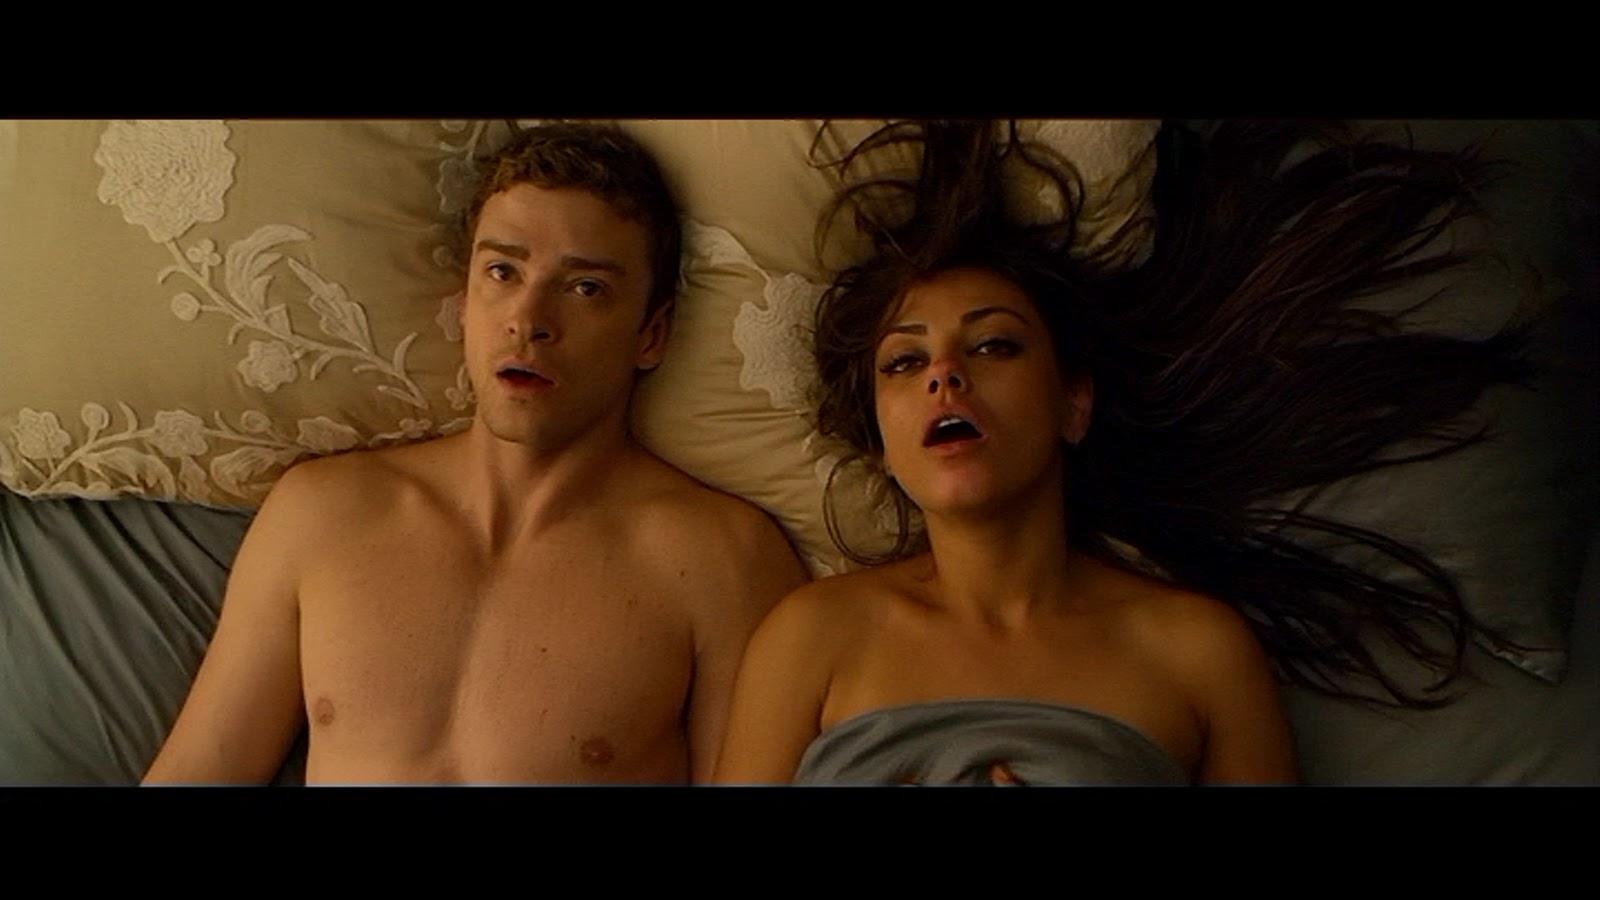 Секс по дружбе смотреть порно, порно ролики онлайн качестве